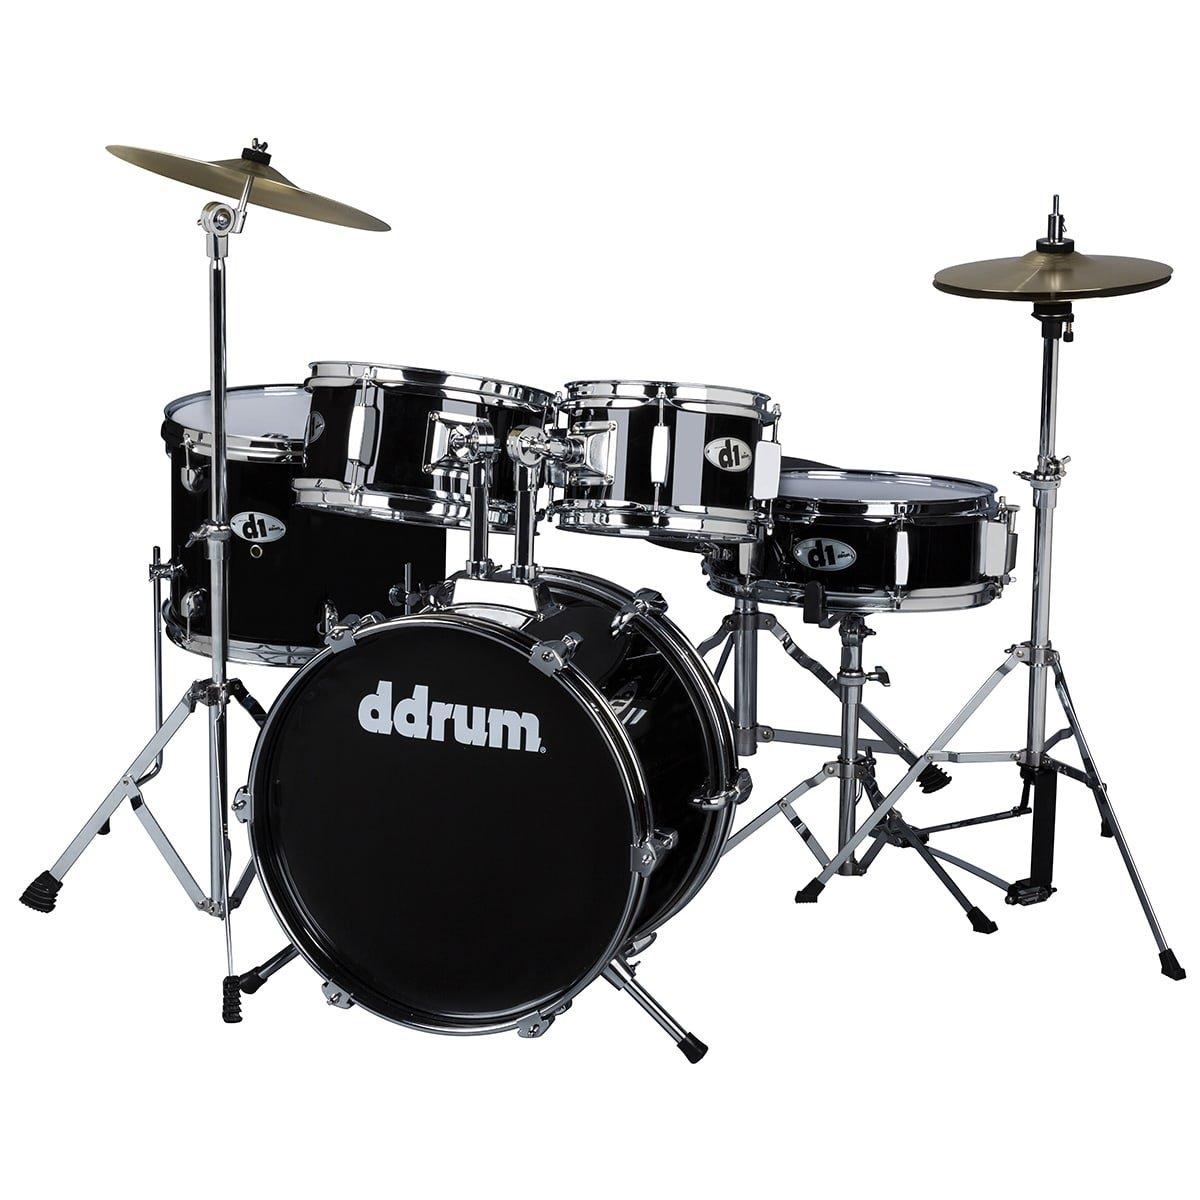 DDrum 5 Piece Junior Drum Set